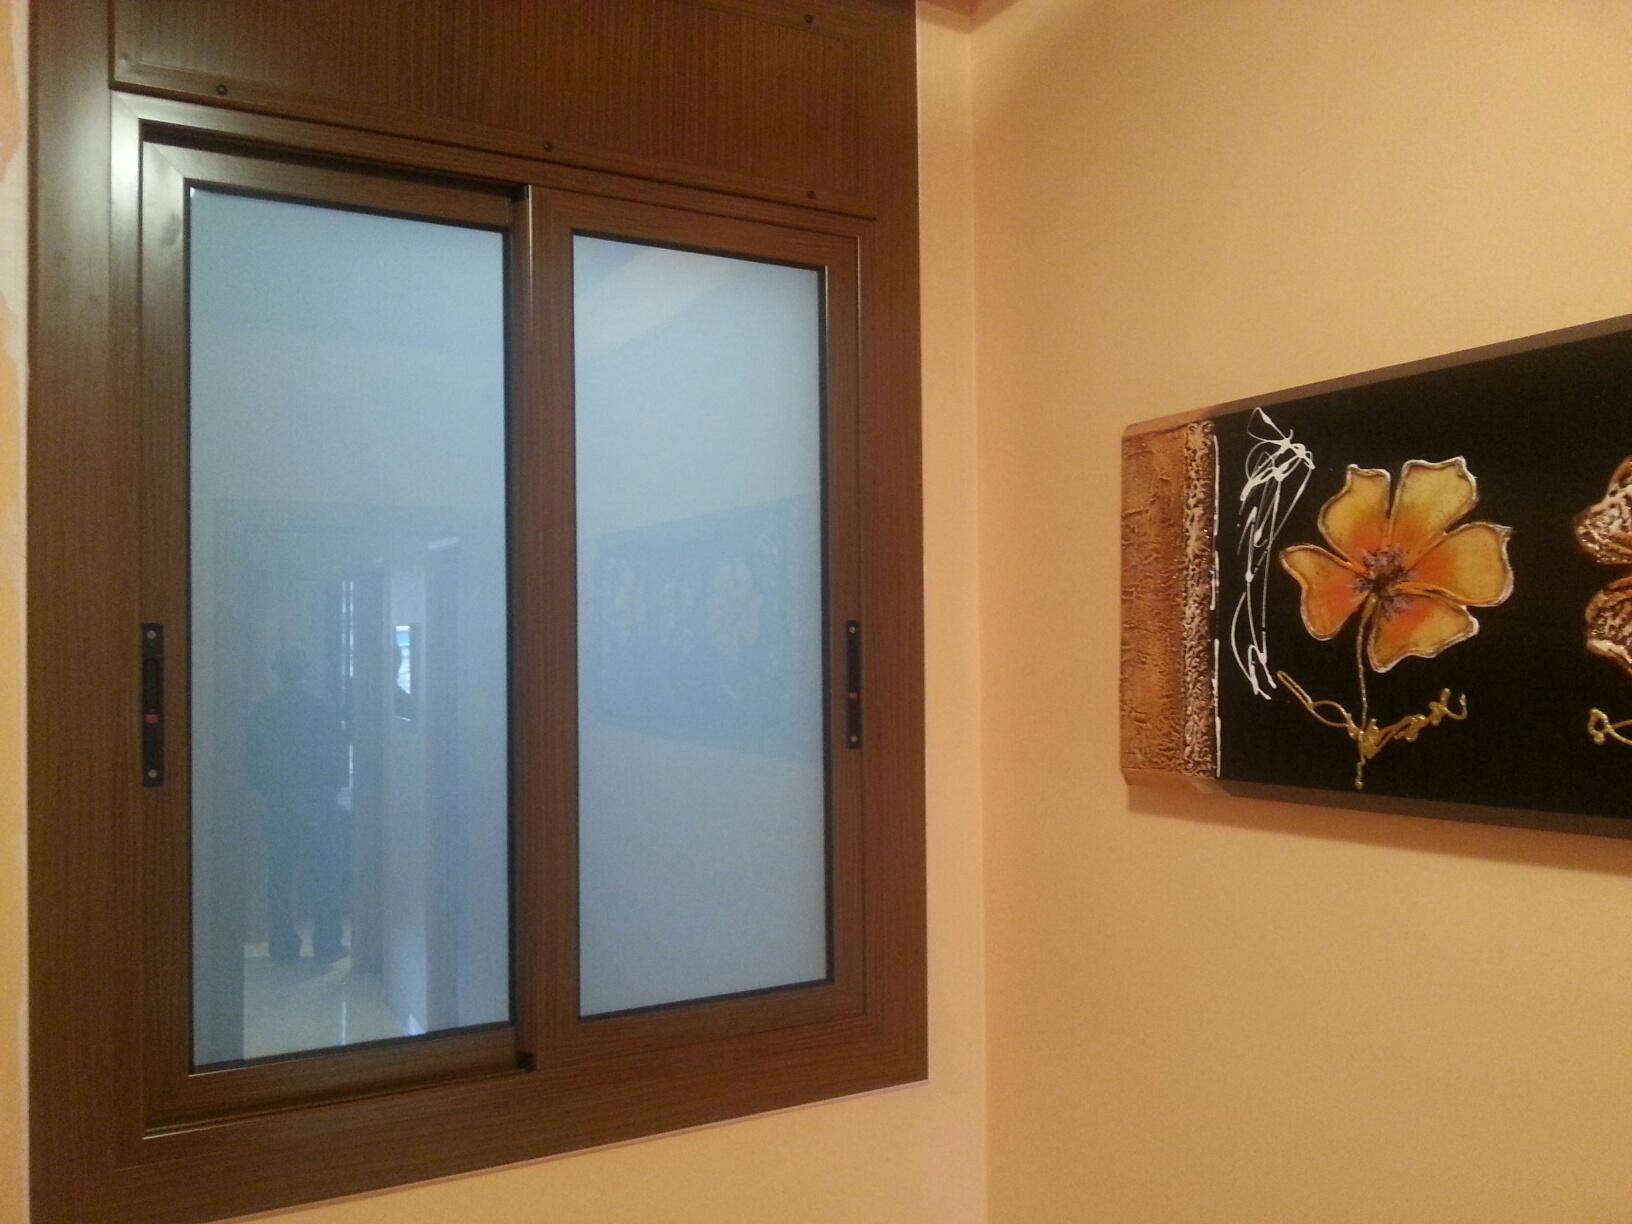 Ventana de aluminio lacado madera nogal b 7 carpinter a for Colores ventanas aluminio lacado